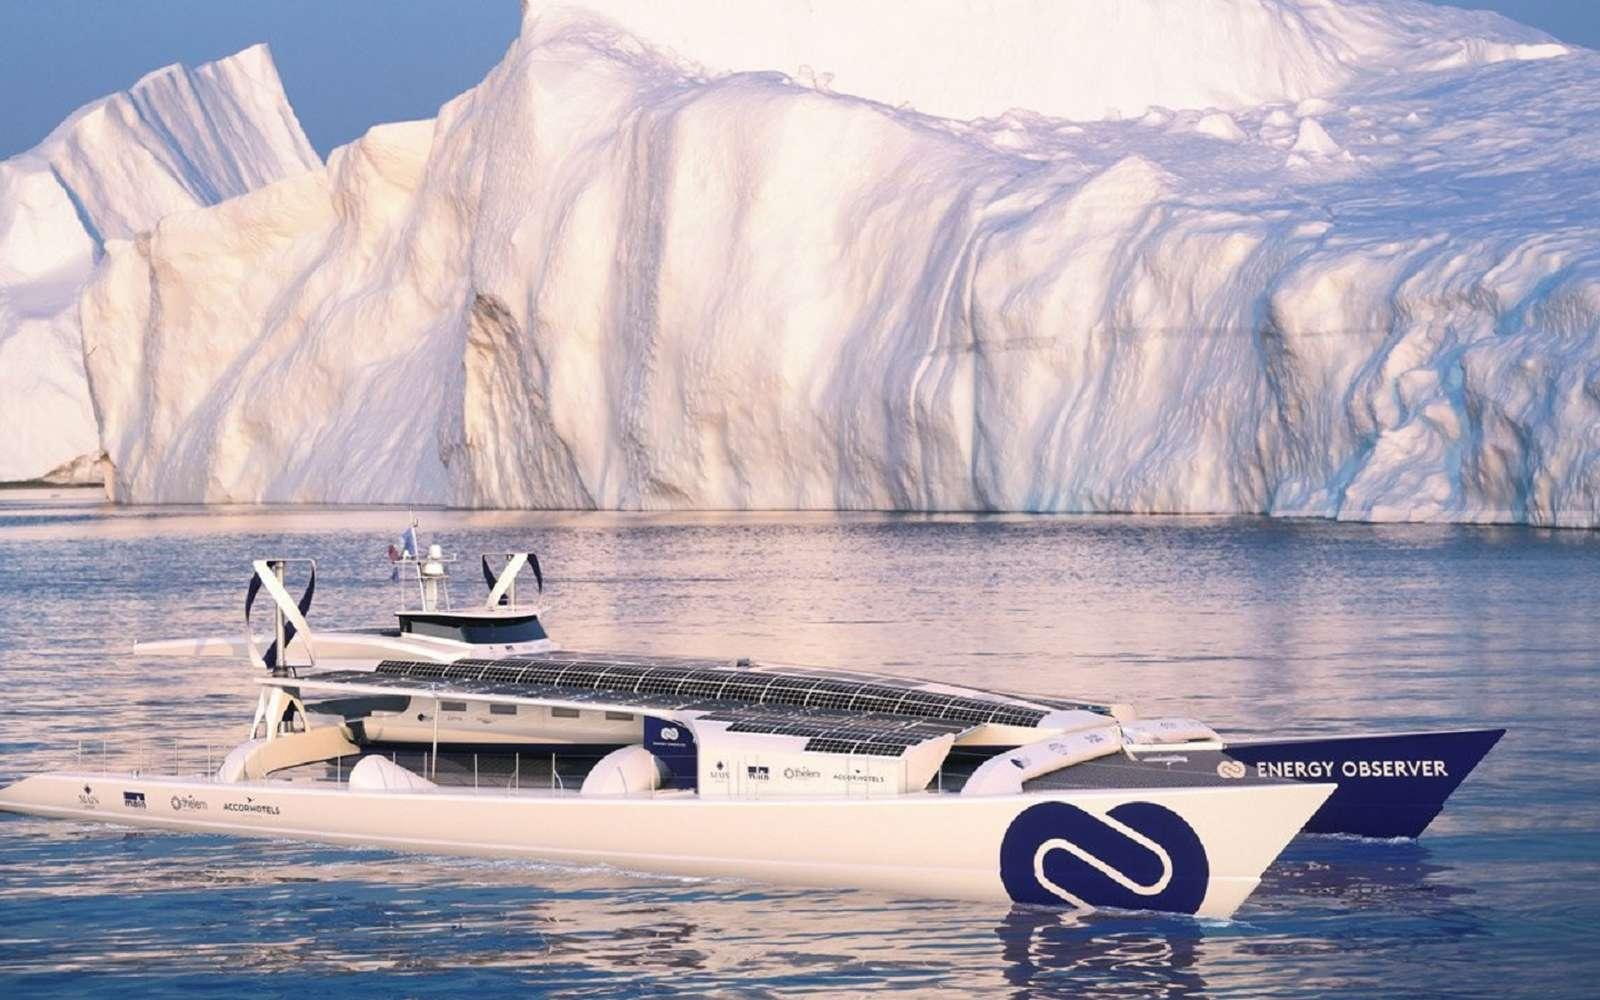 Le laboratoire flottant Energy Observer a rejoint le 10 août 2019 l'archipel du Svalbard, épicentre du changement climatique. © Energy Observer